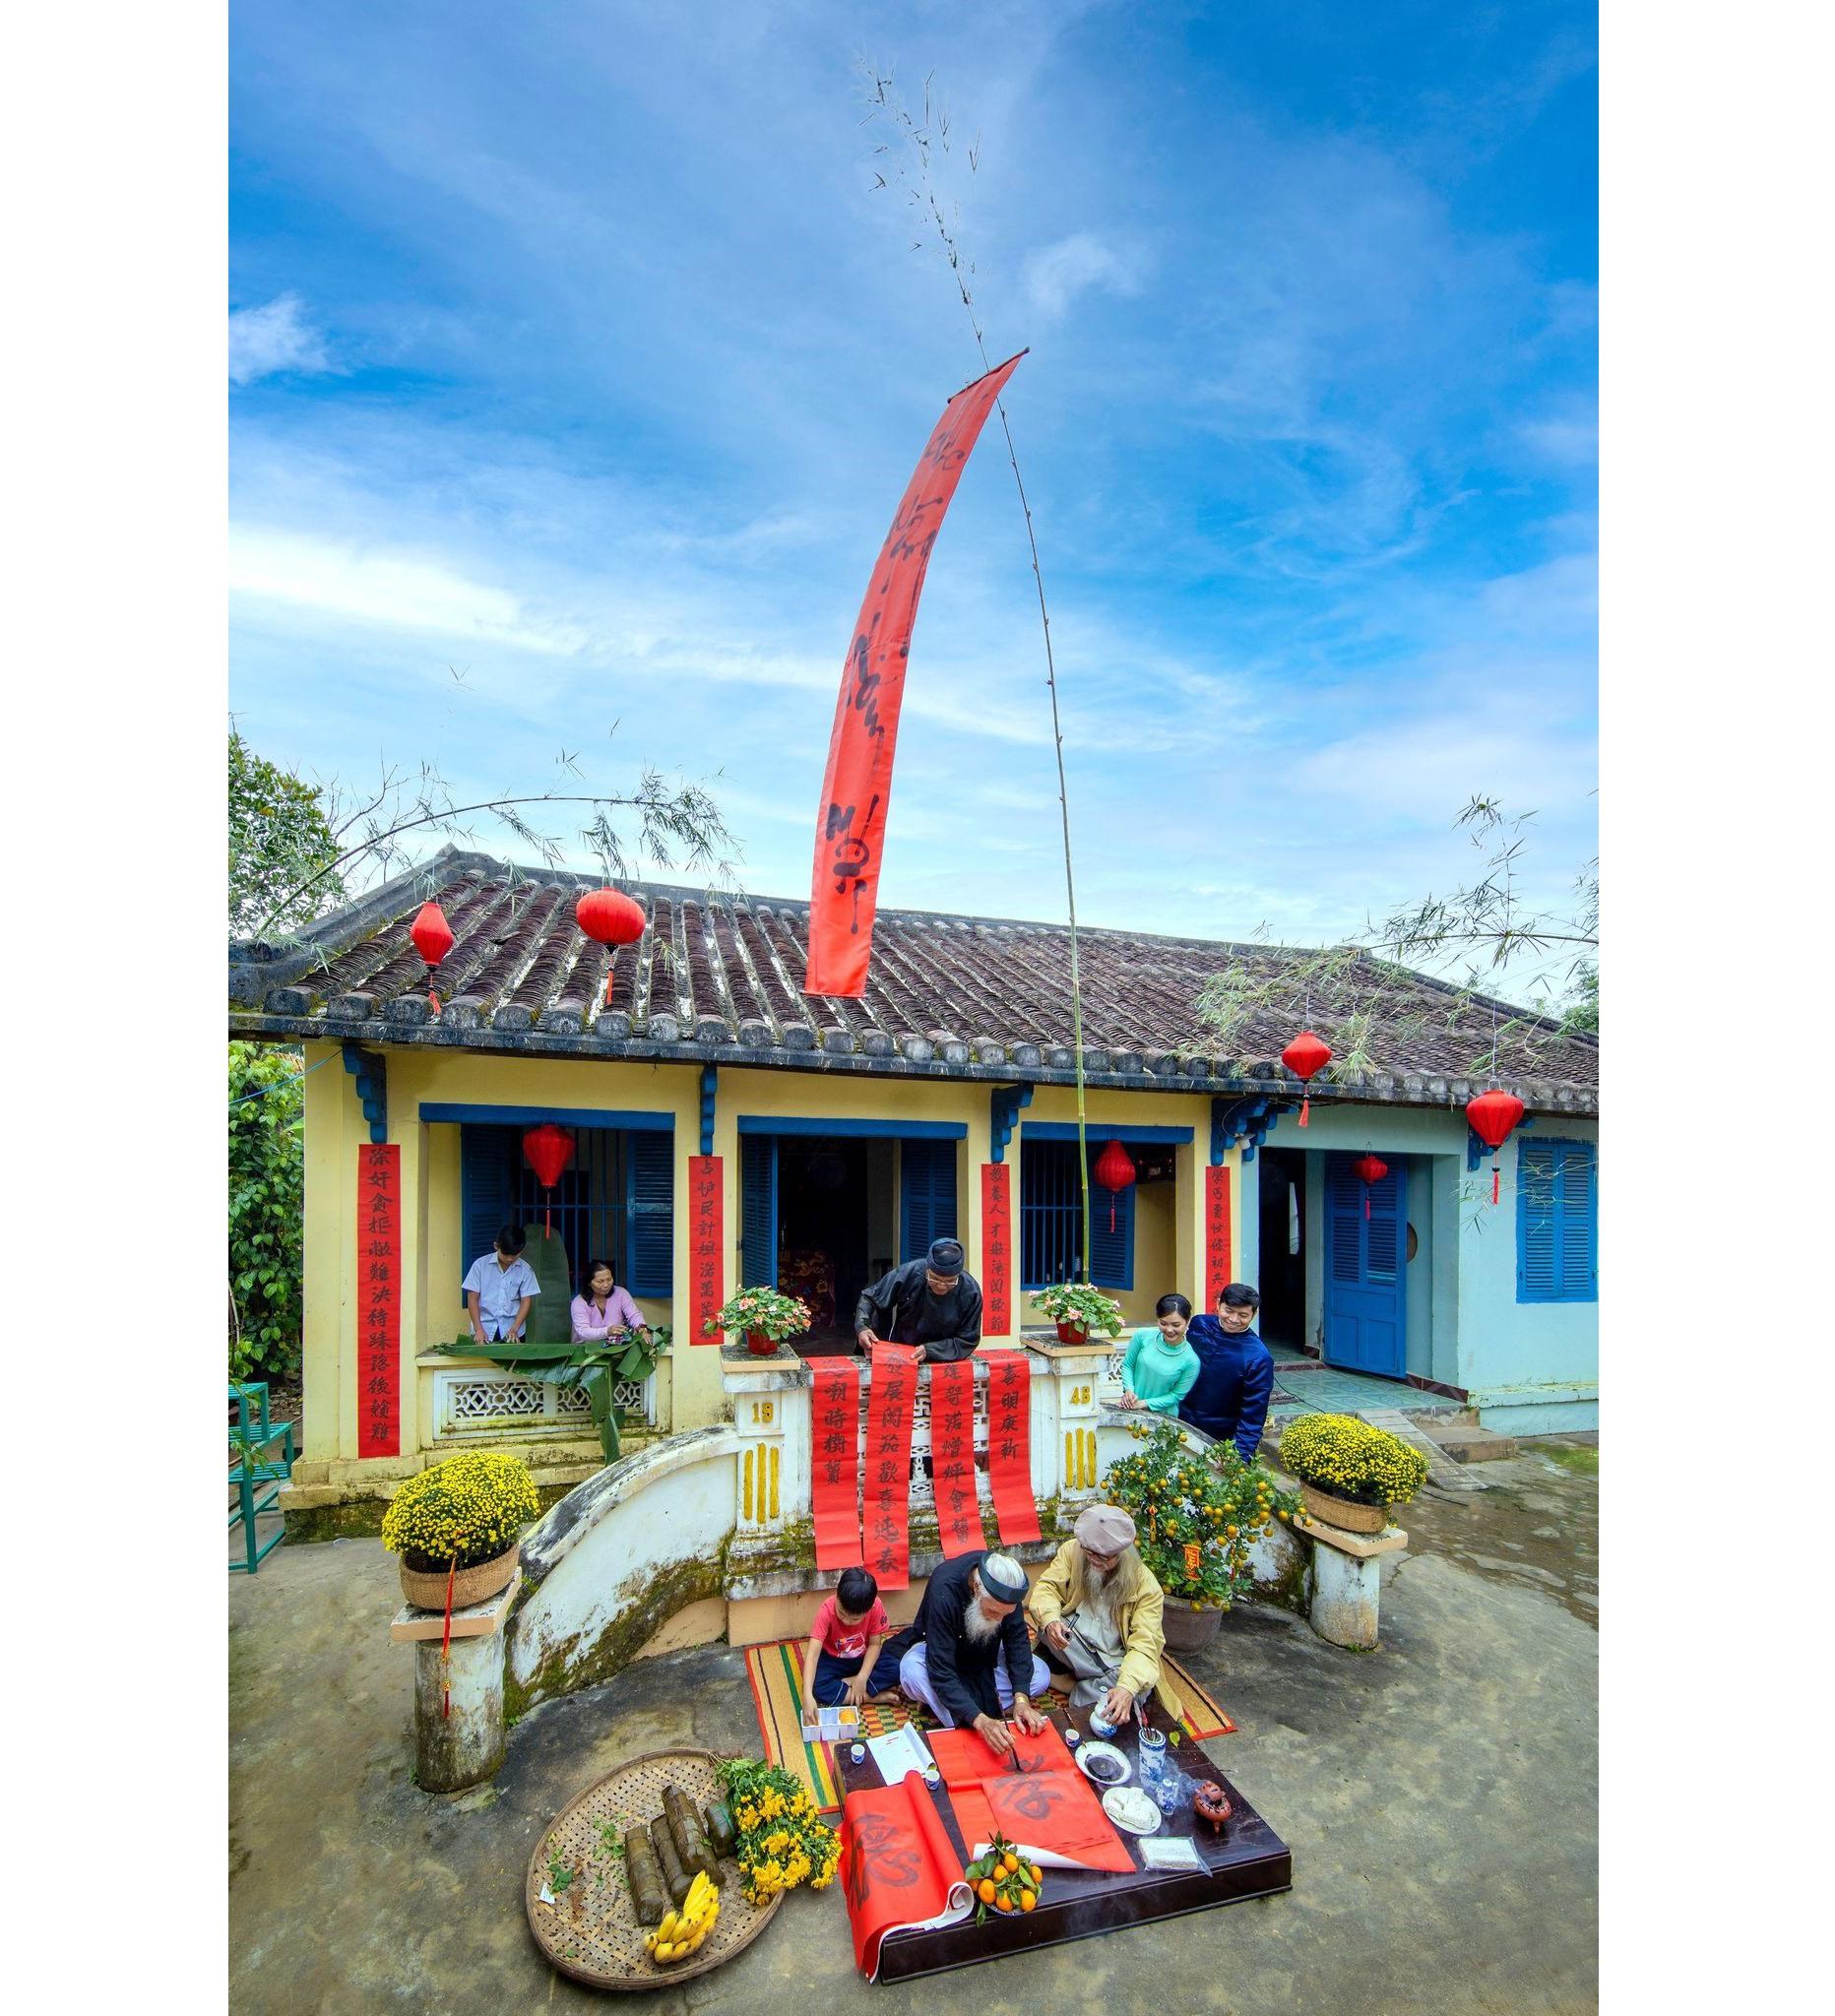 """Dấu ấn """"550 năm danh xưng Quảng Nam"""" gắn với các đình làng cổ... Ảnh; L.T.K"""